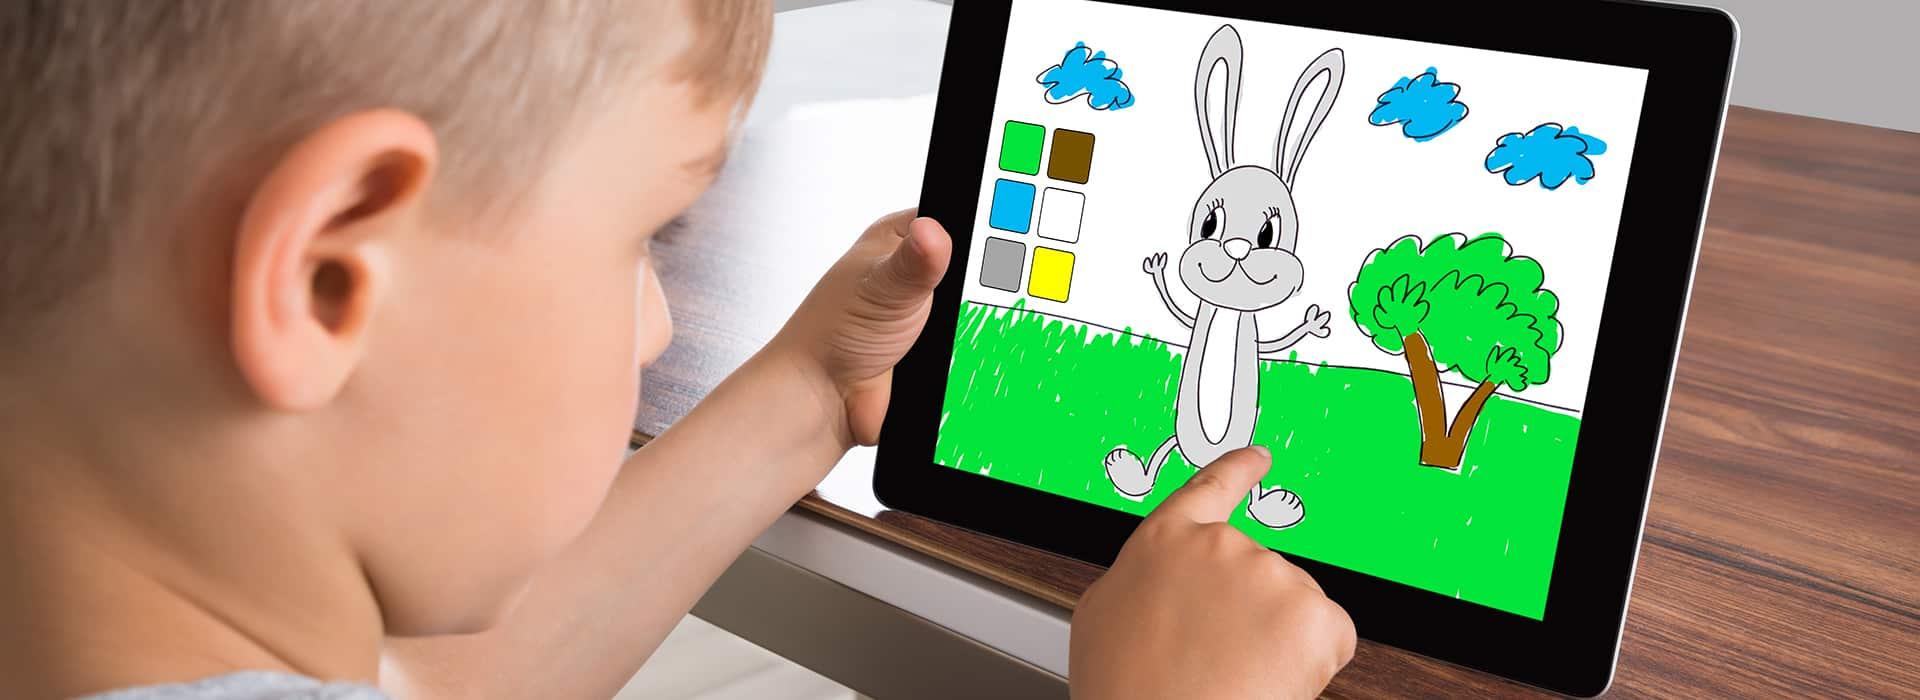 Tablette Enfant : Voici Les Meilleurs Modèles À Offrir En 2020 encequiconcerne Jeux Educatif Gratuit Pour Fille De 5 Ans